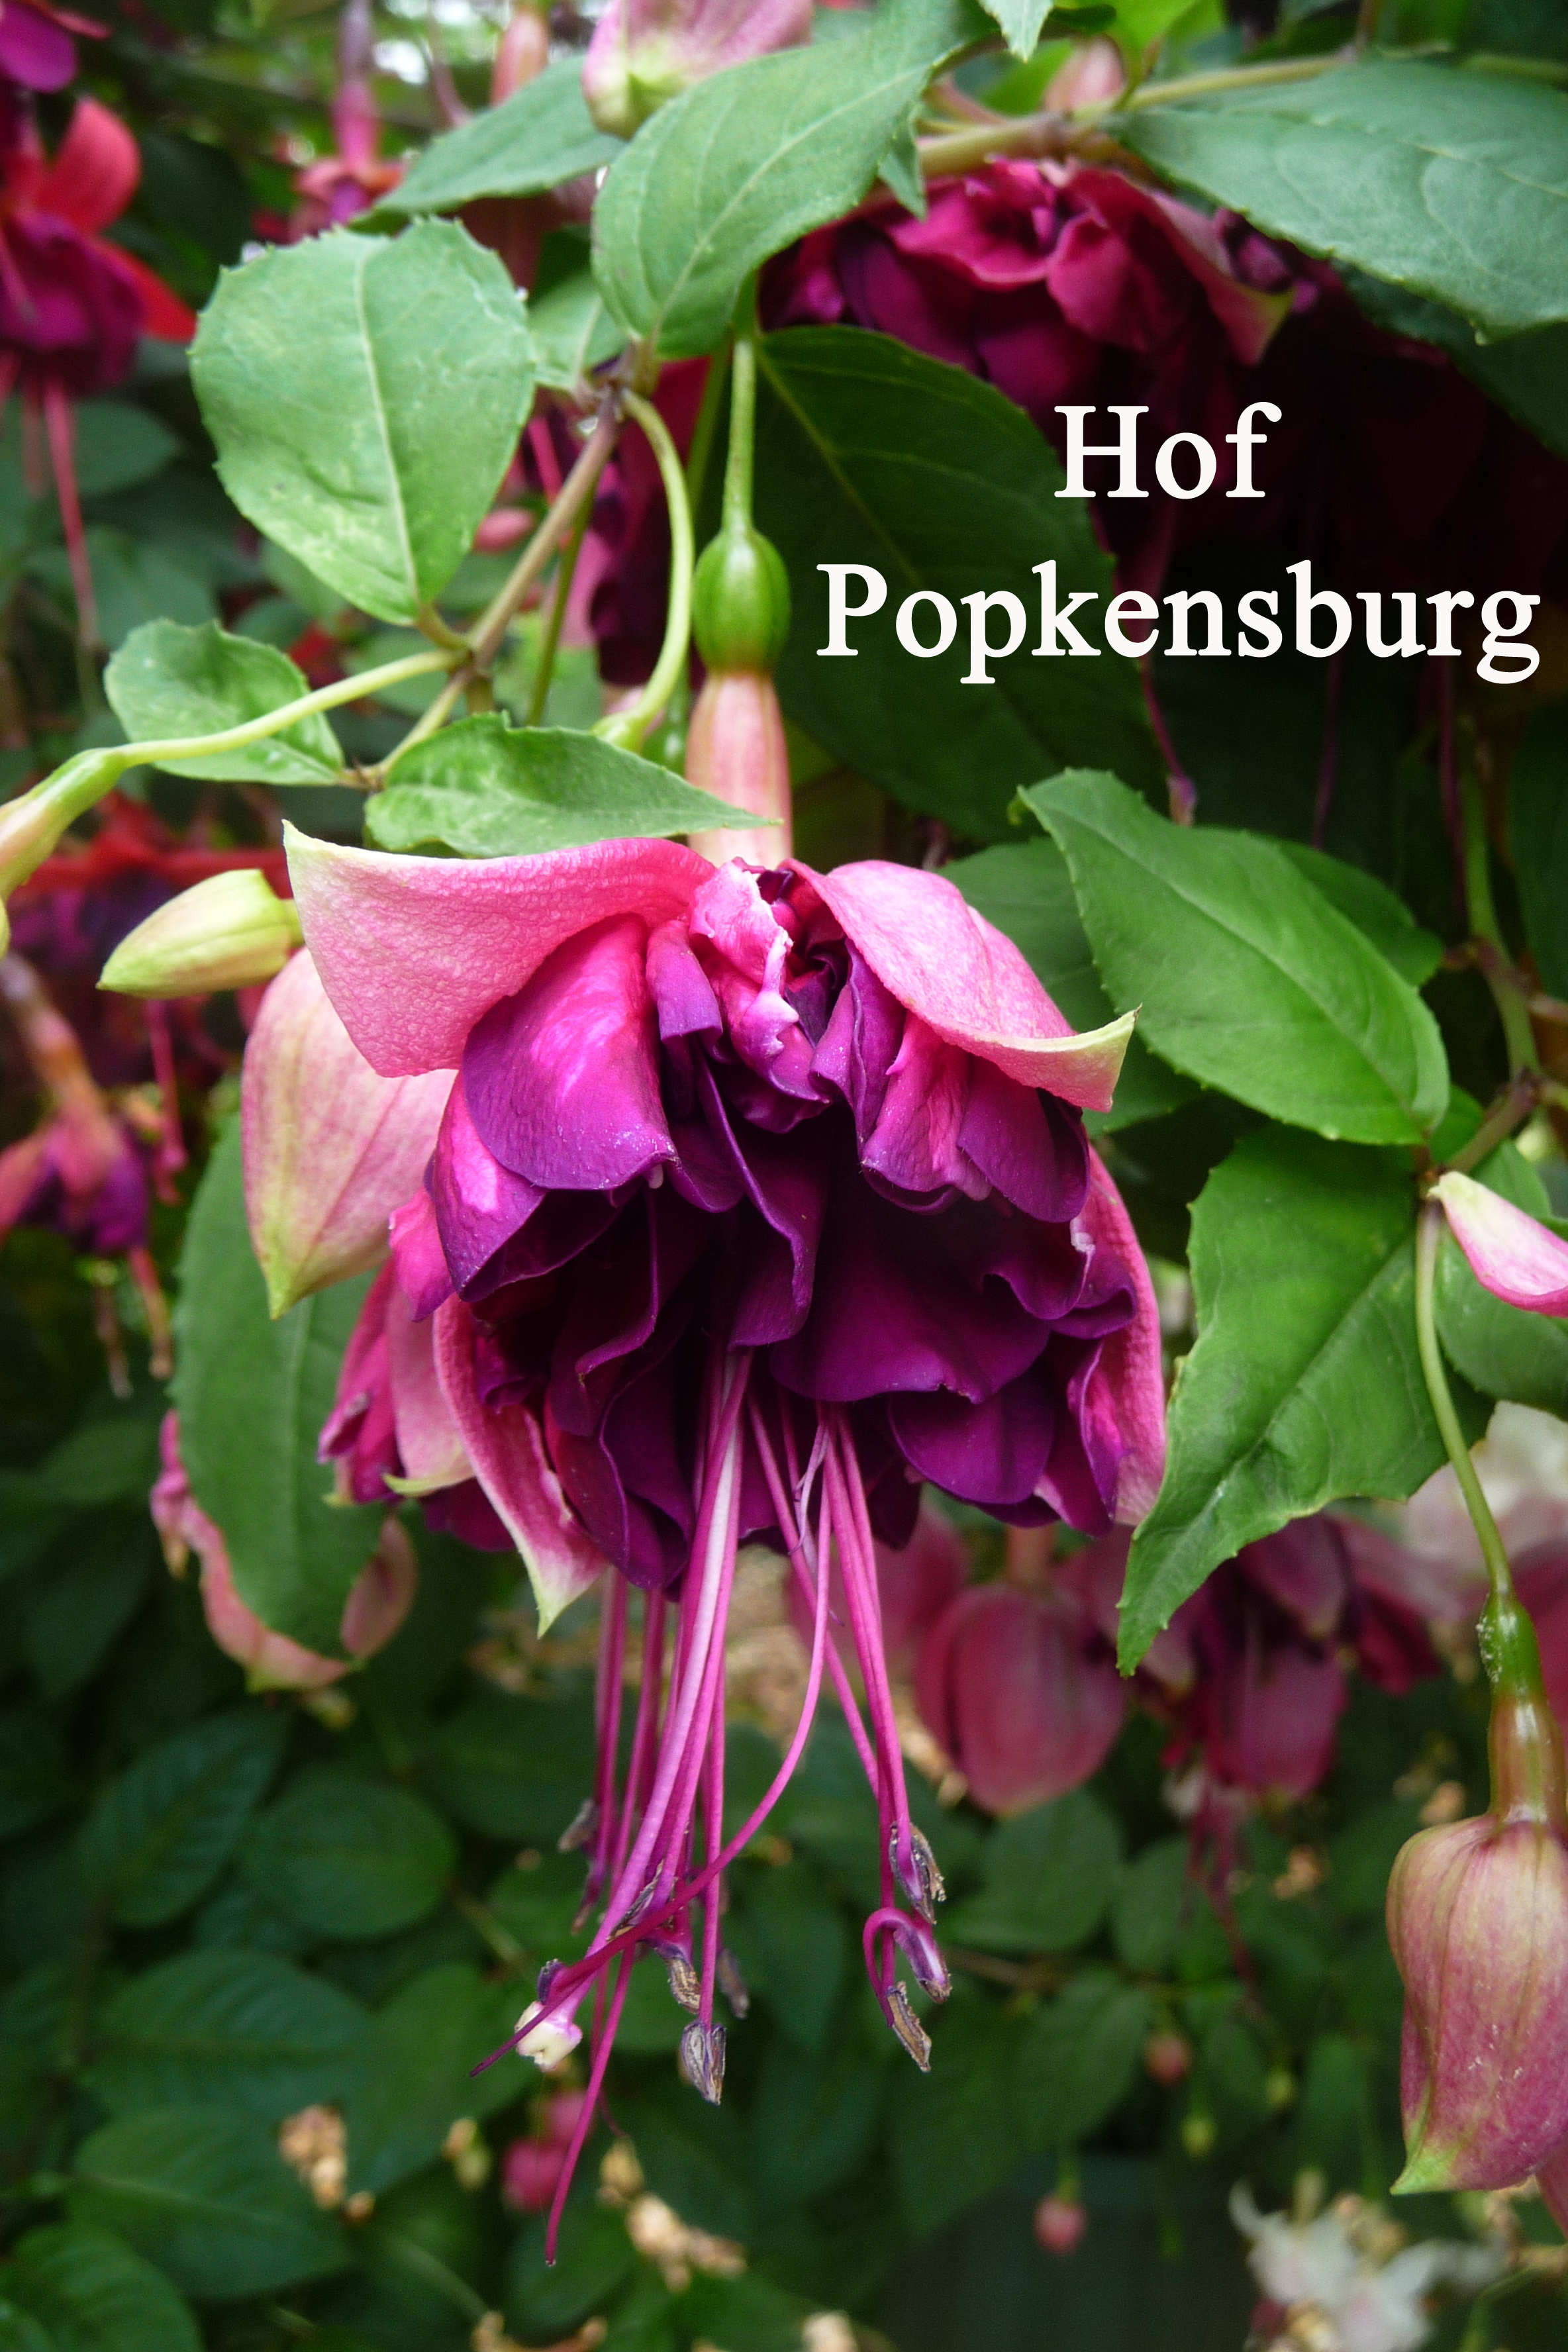 Hof Popkensburg